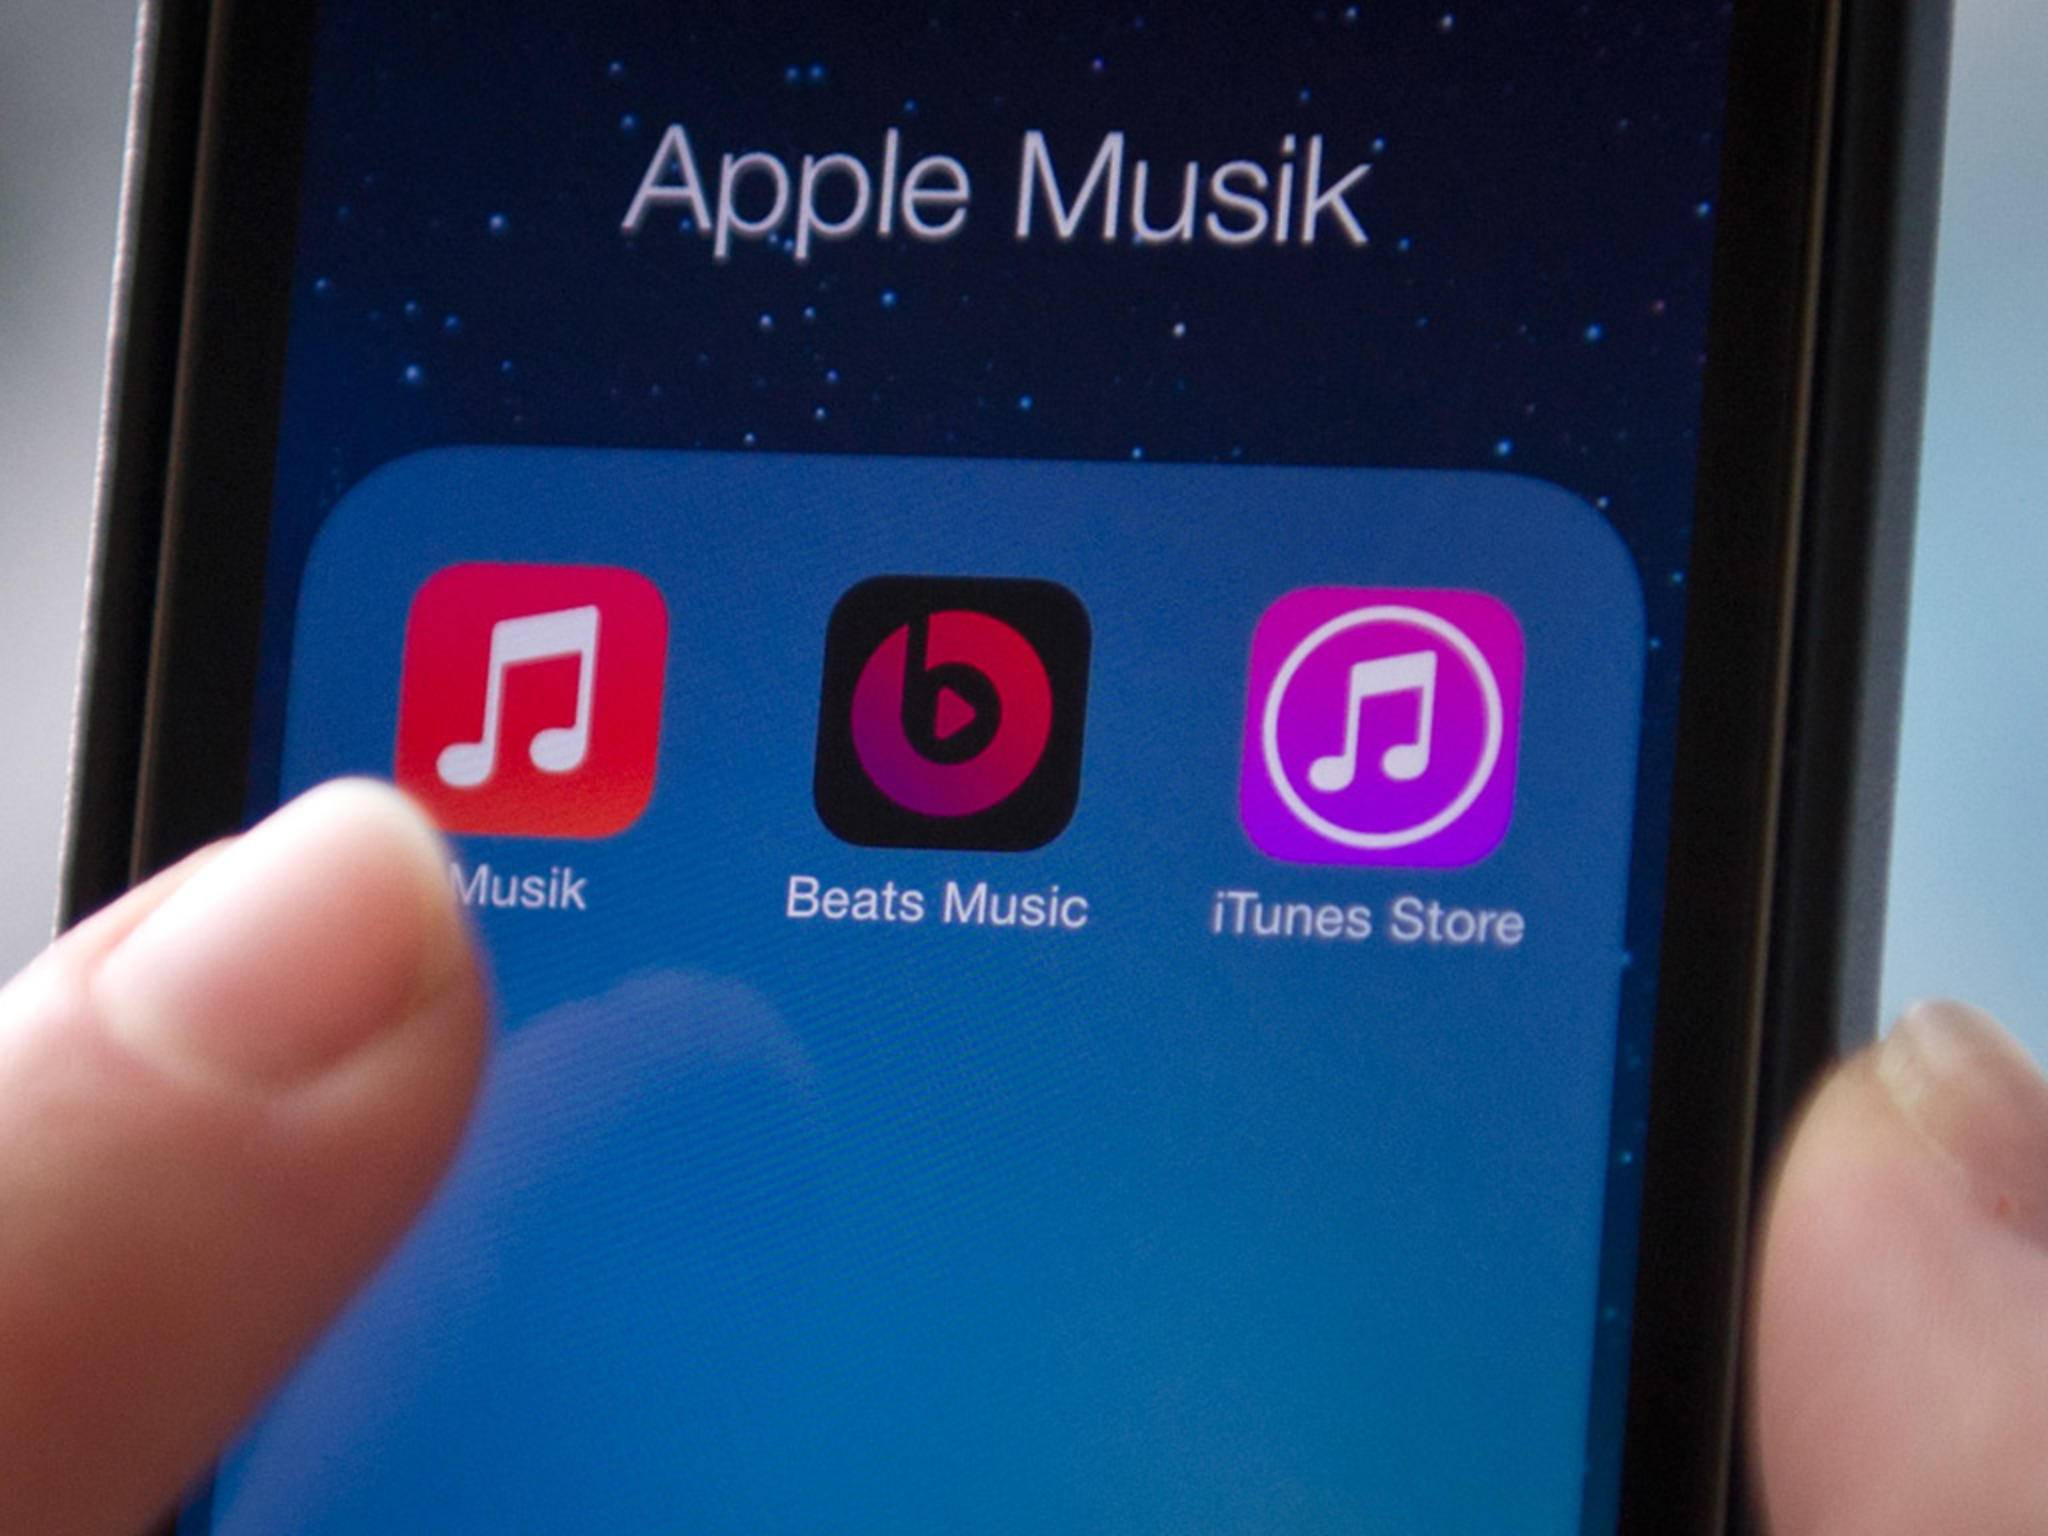 So überträgst Du Deine Daten von Beats Music zu Apple Music.